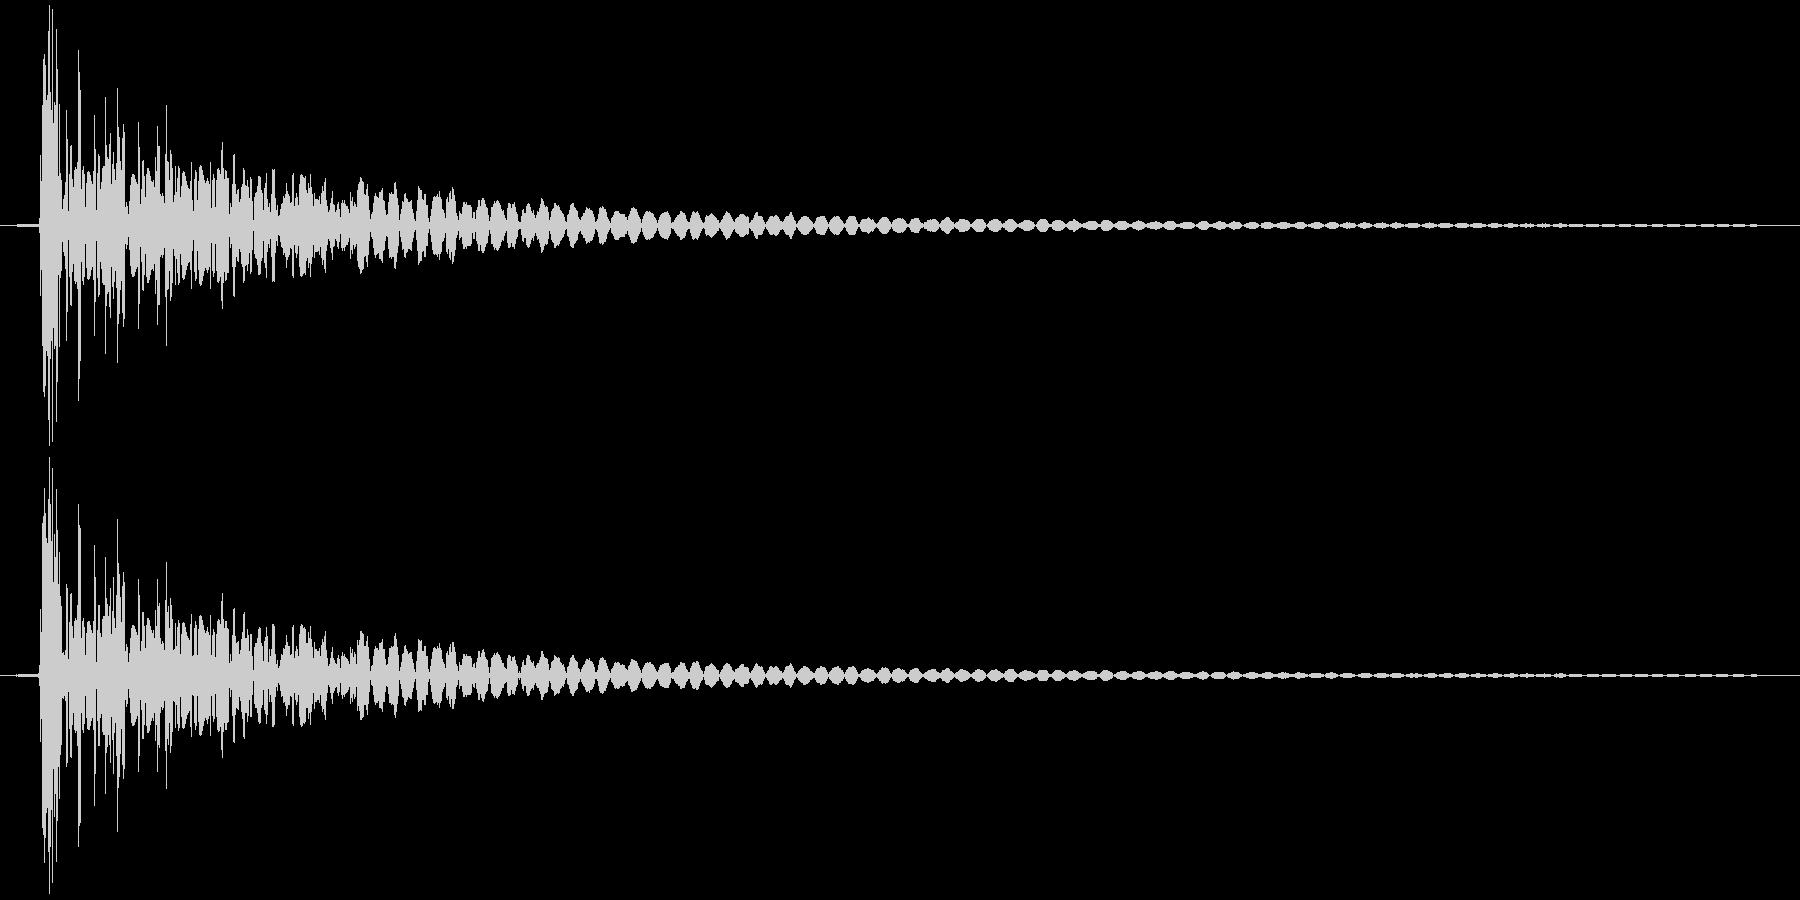 打撃 衝撃音の未再生の波形